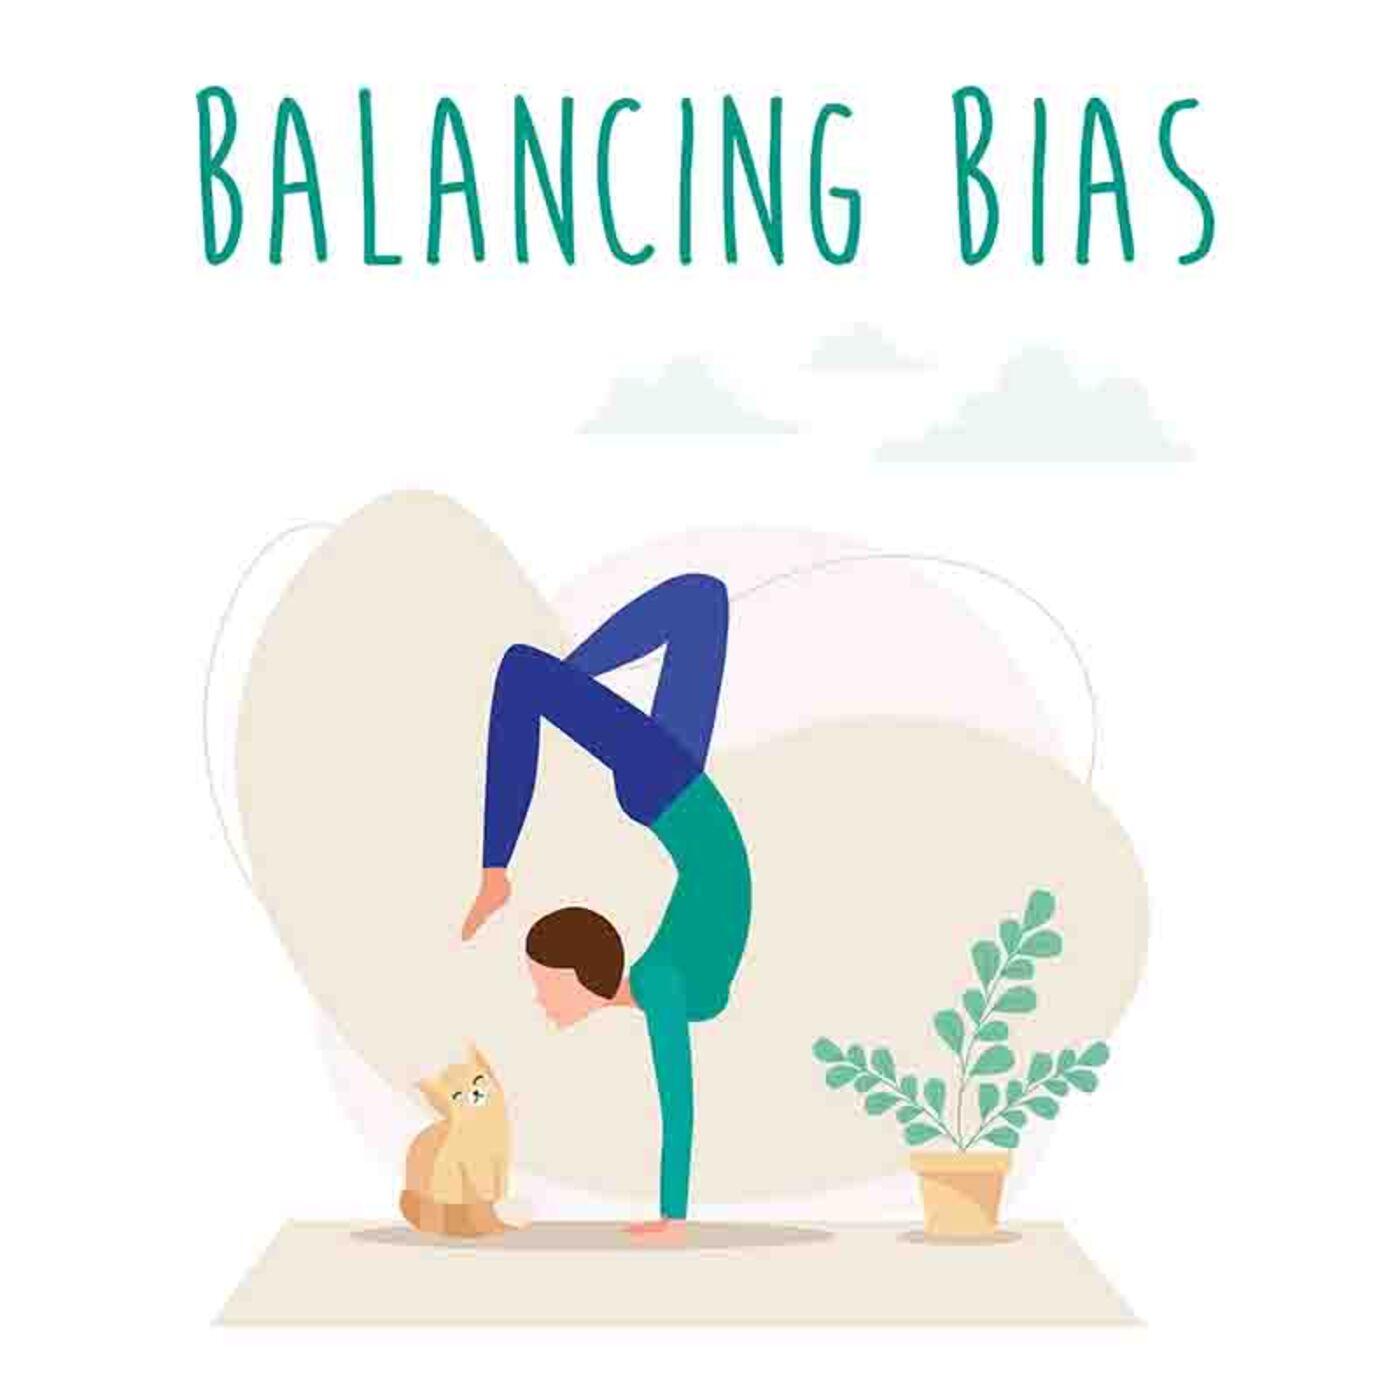 12@12: Balancing Bias